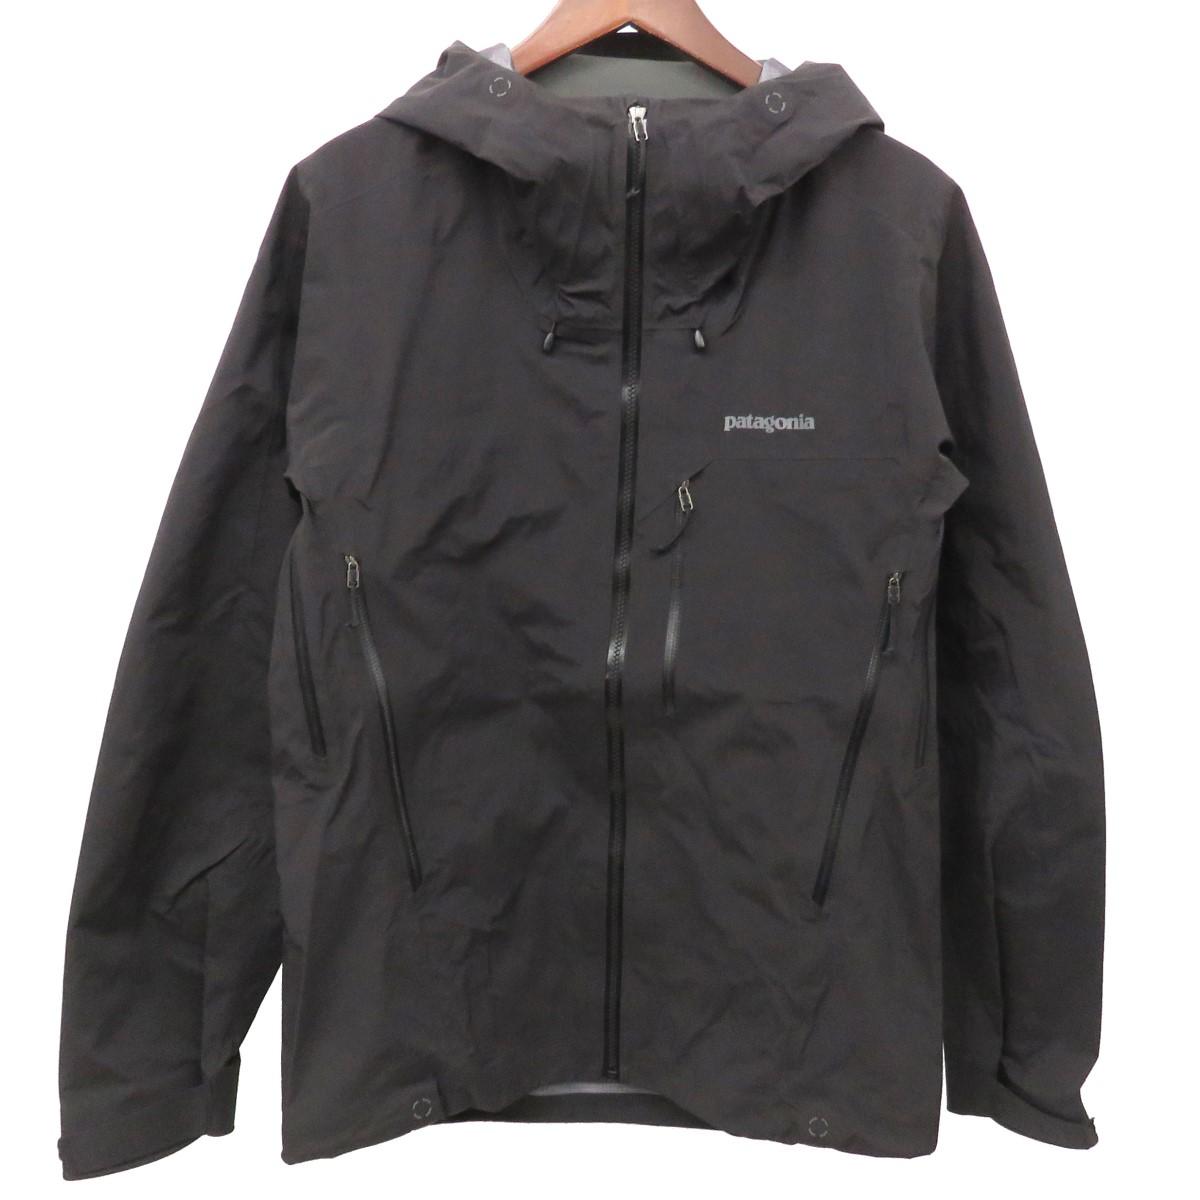 【中古】patagonia Pluma Jacket プルマジャケット マウンテンパーカー 83755 ブラック サイズ:XS 【150420】(パタゴニア)